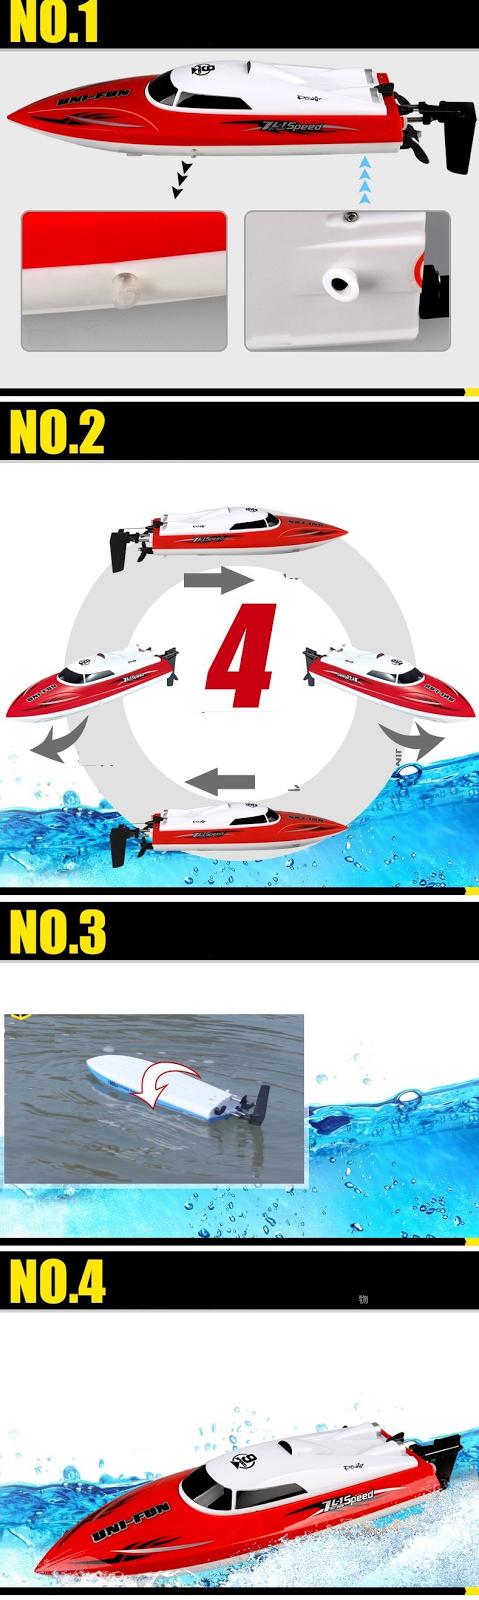 Cano siêu tốc SCN007_1